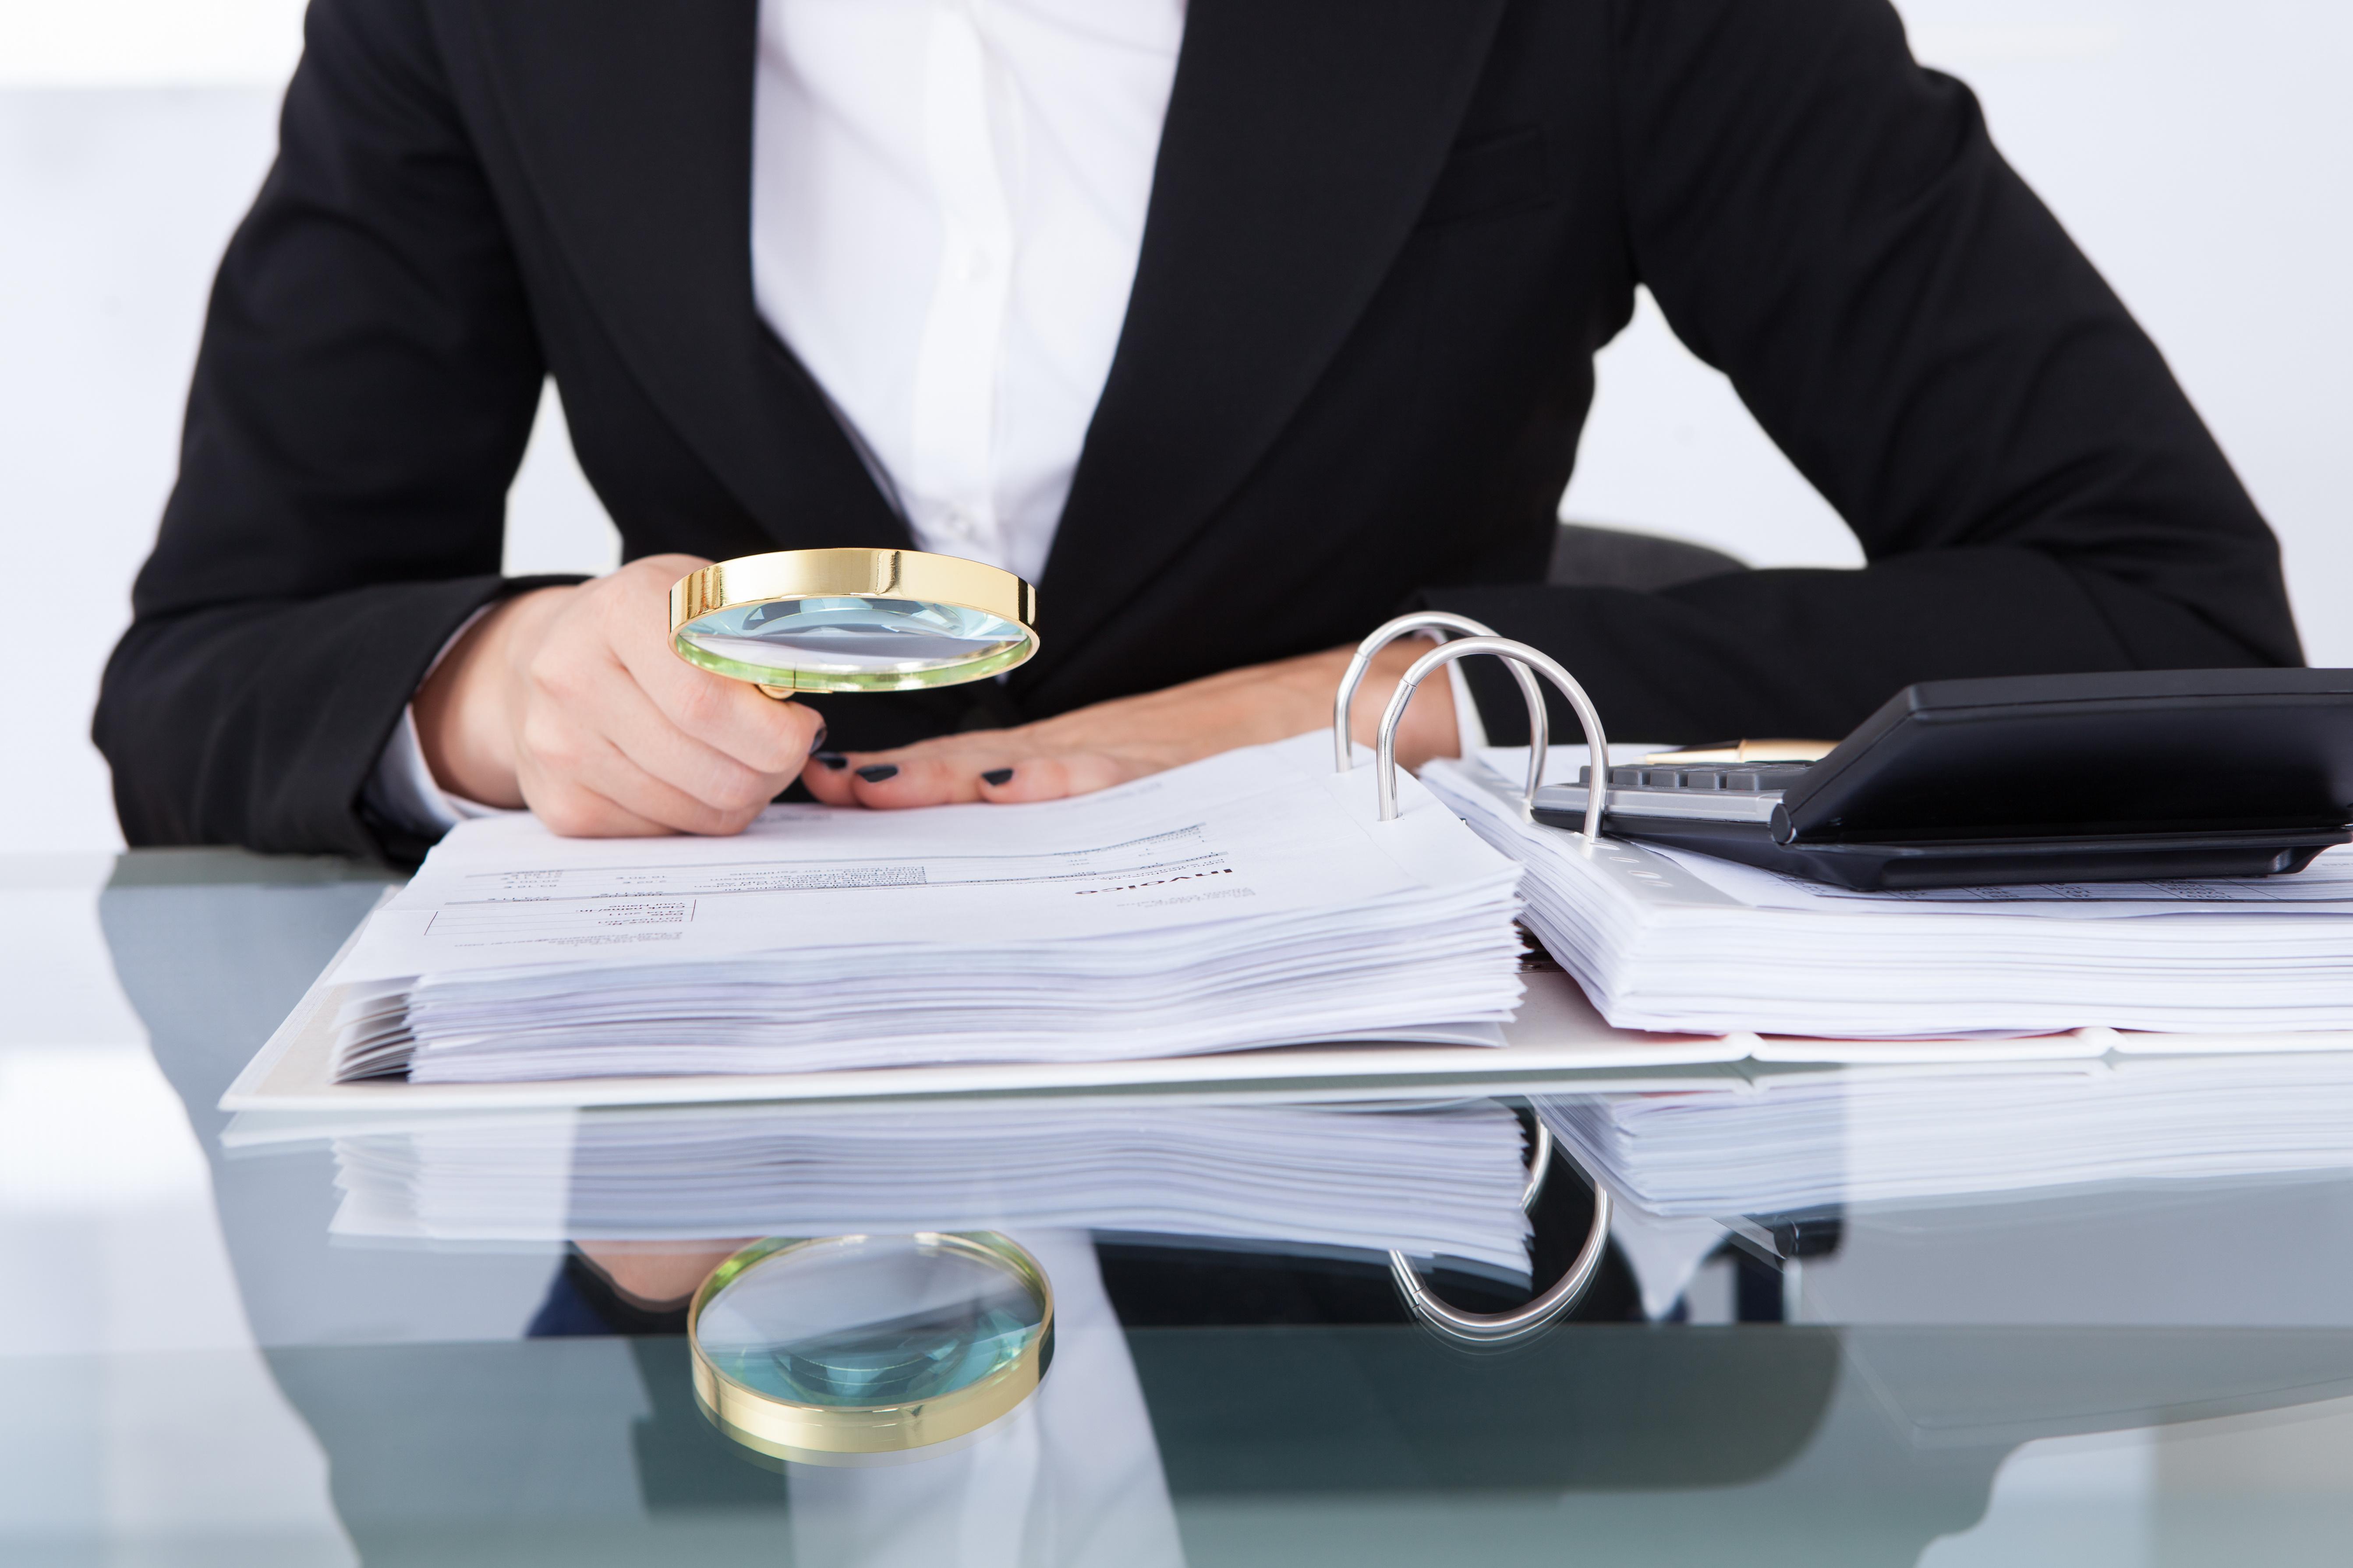 Rezoluția Parlamentului European referitoare la cazul Cum-Ex: frauda financiară și lacunele din cadrul juridic în vigoare